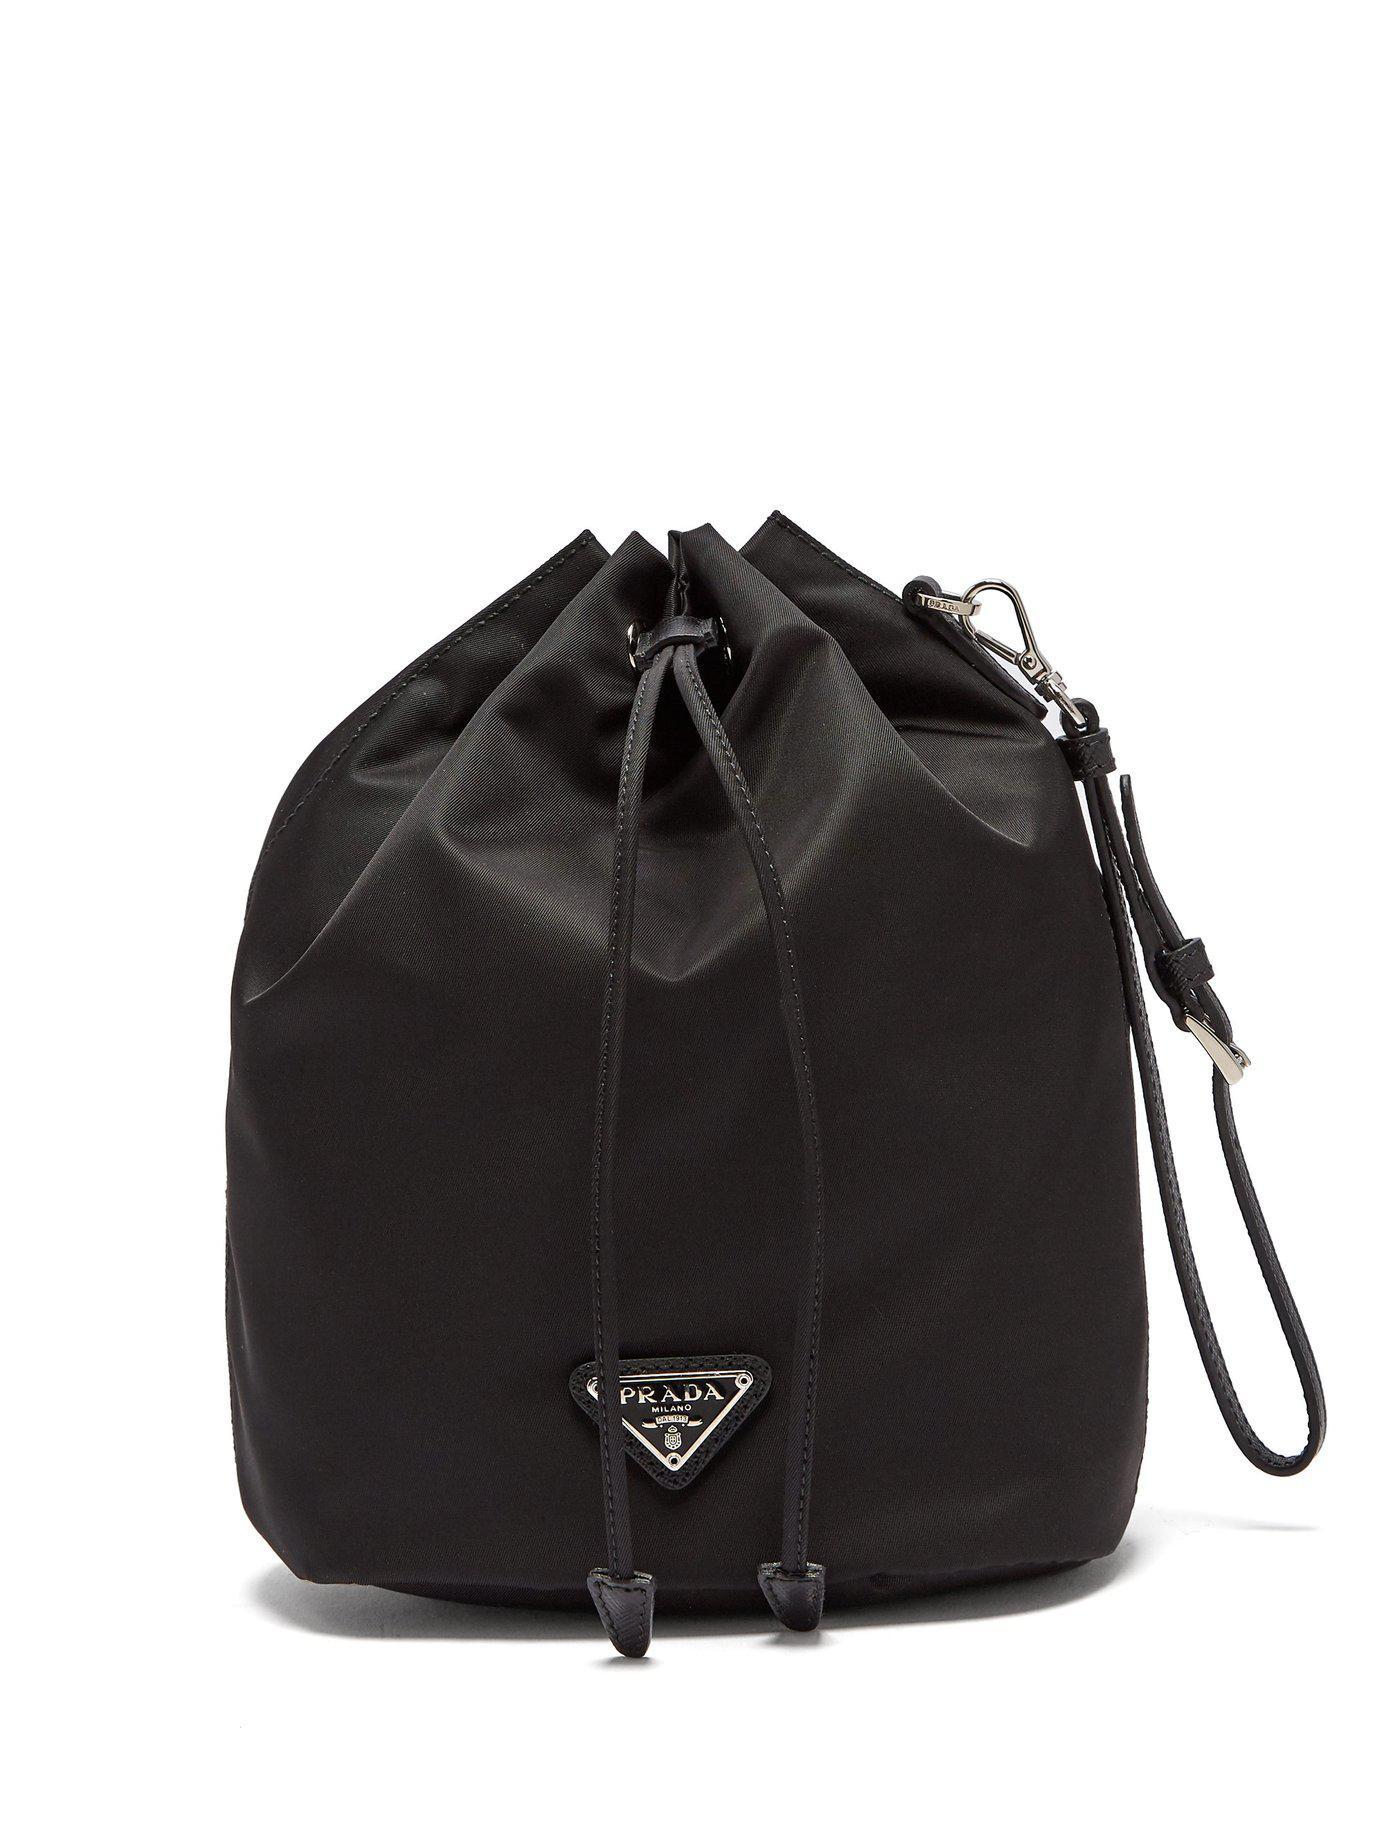 c2398f84947b ... best lyst prada leather trimmed drawstring nylon wash bag in black  452e8 10162